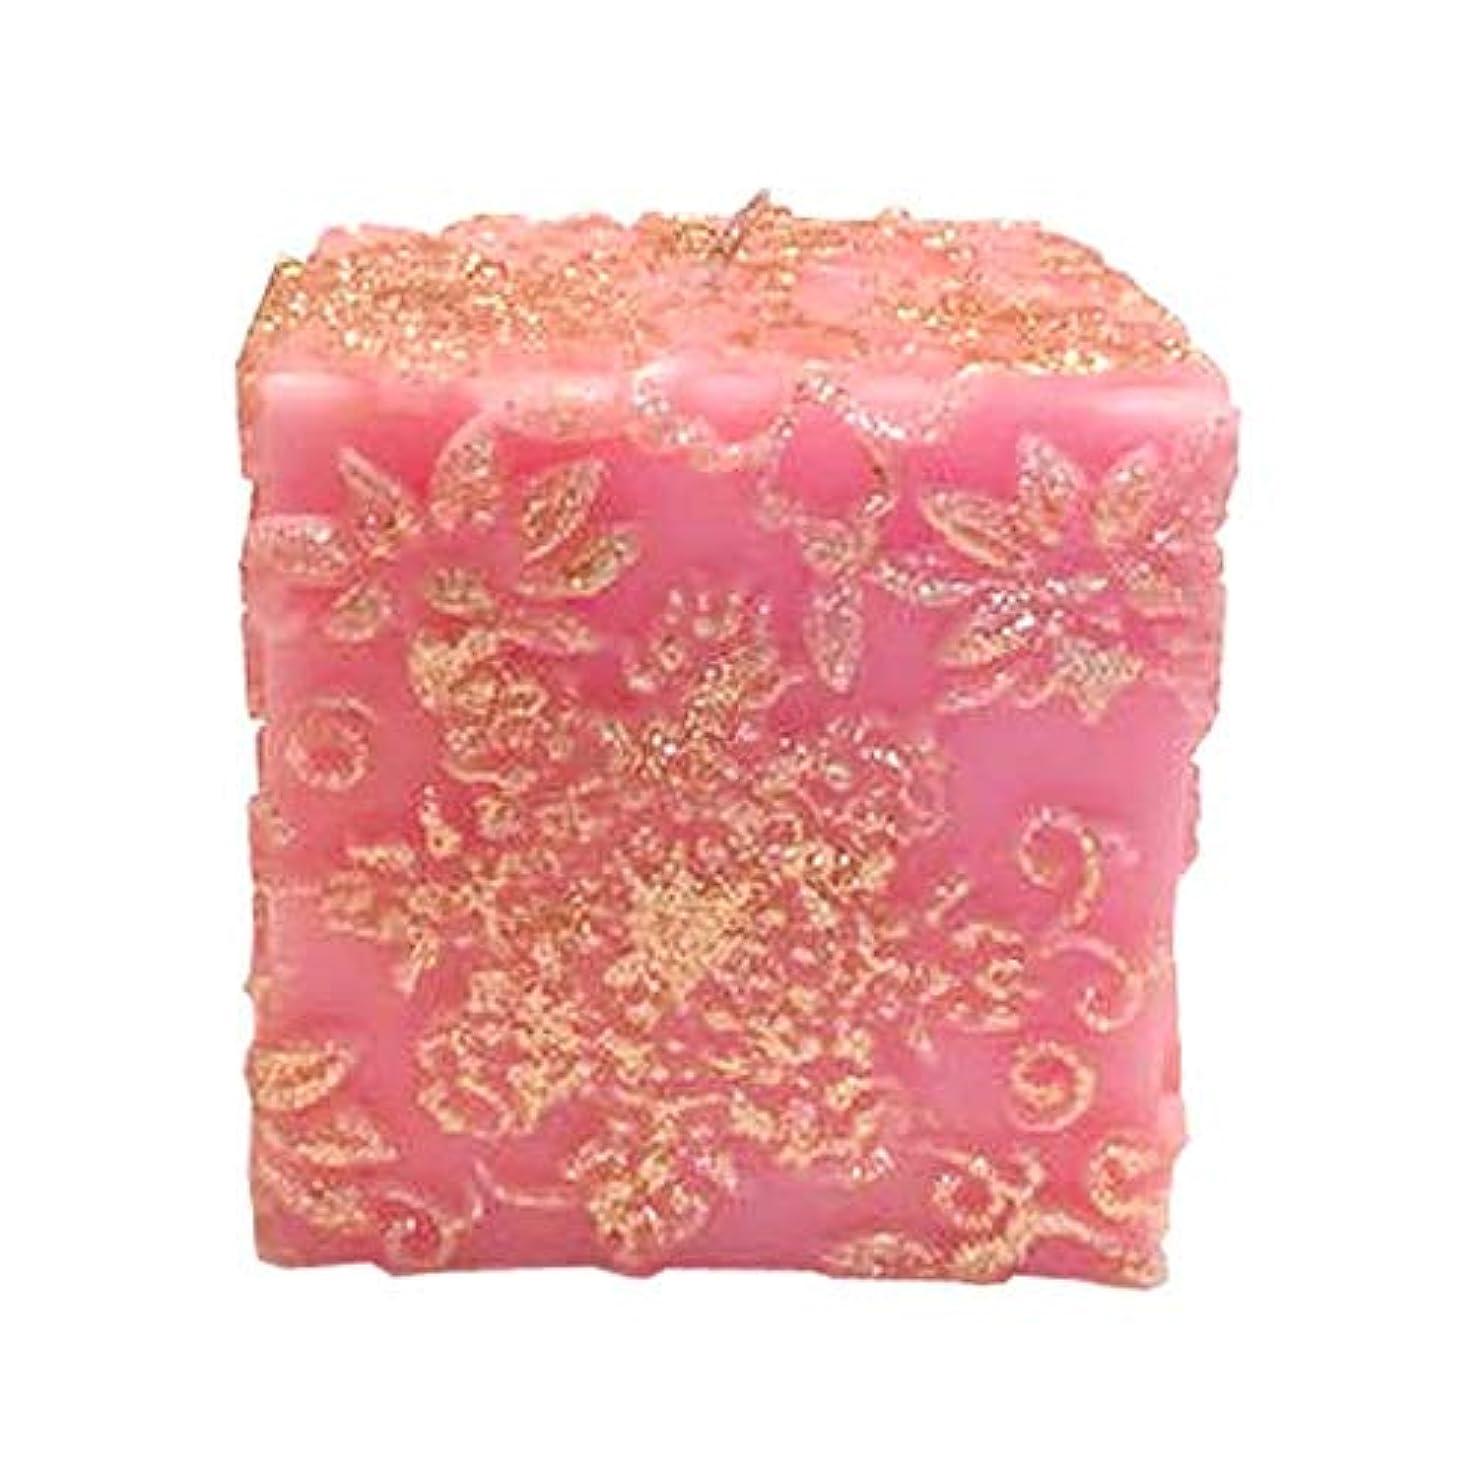 メガロポリス存在する鑑定スノーフレークフラワー Cube (Pink×Gold Gliter)